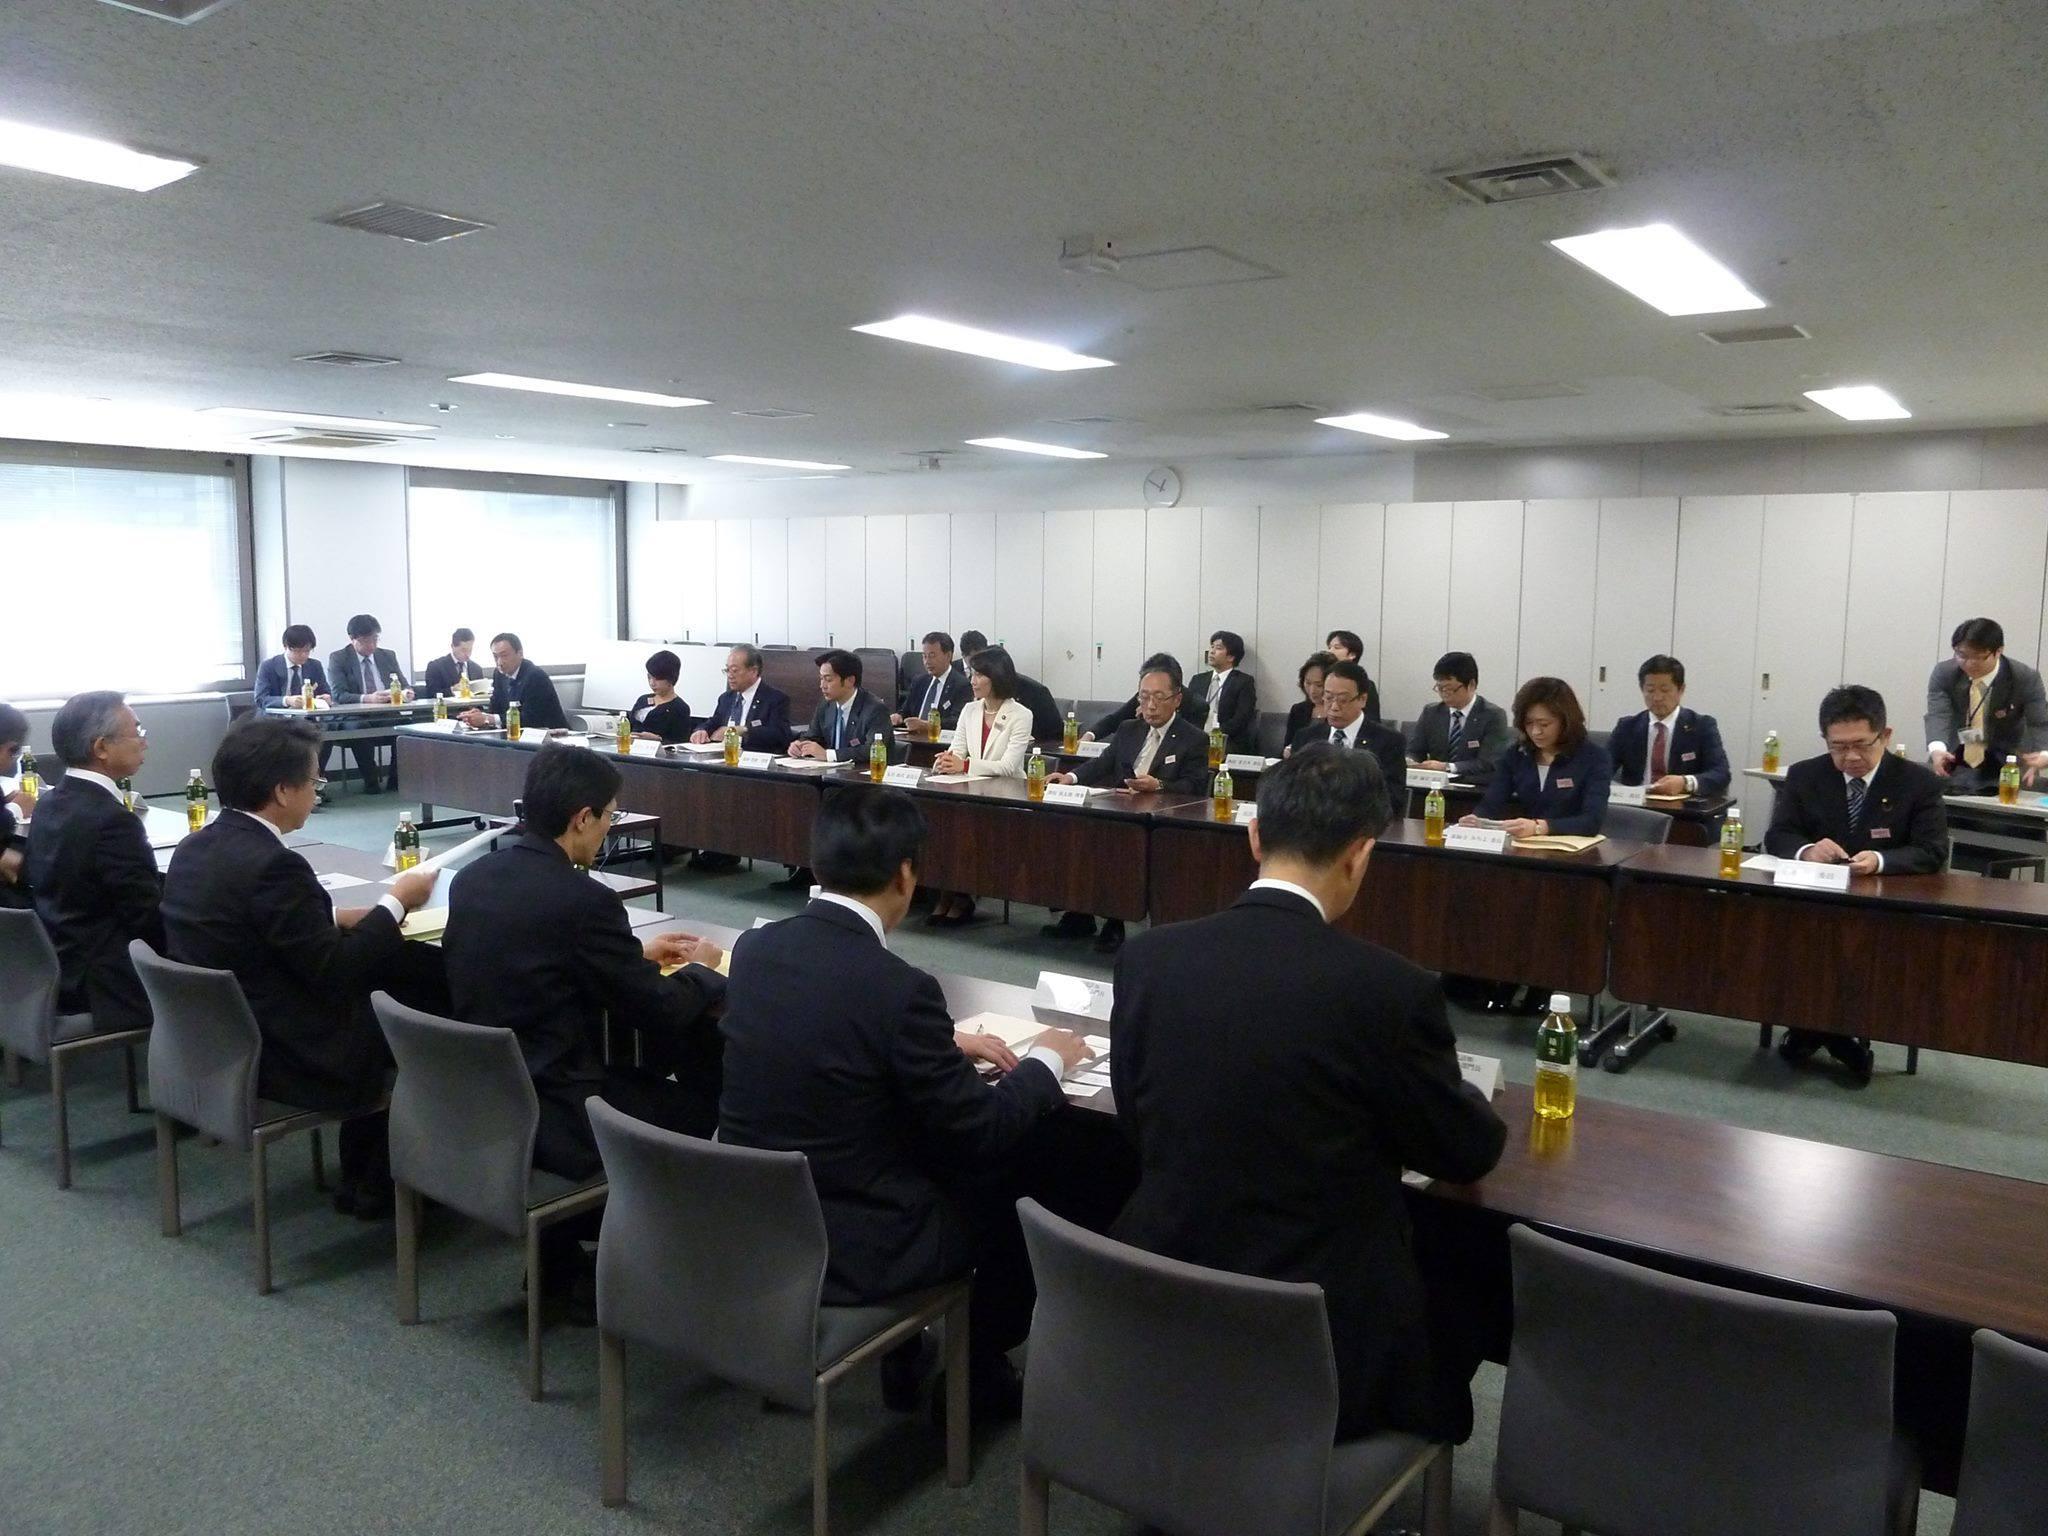 2014.11.14  厚生労働委員会 東京労働局とNTT東日本を視察